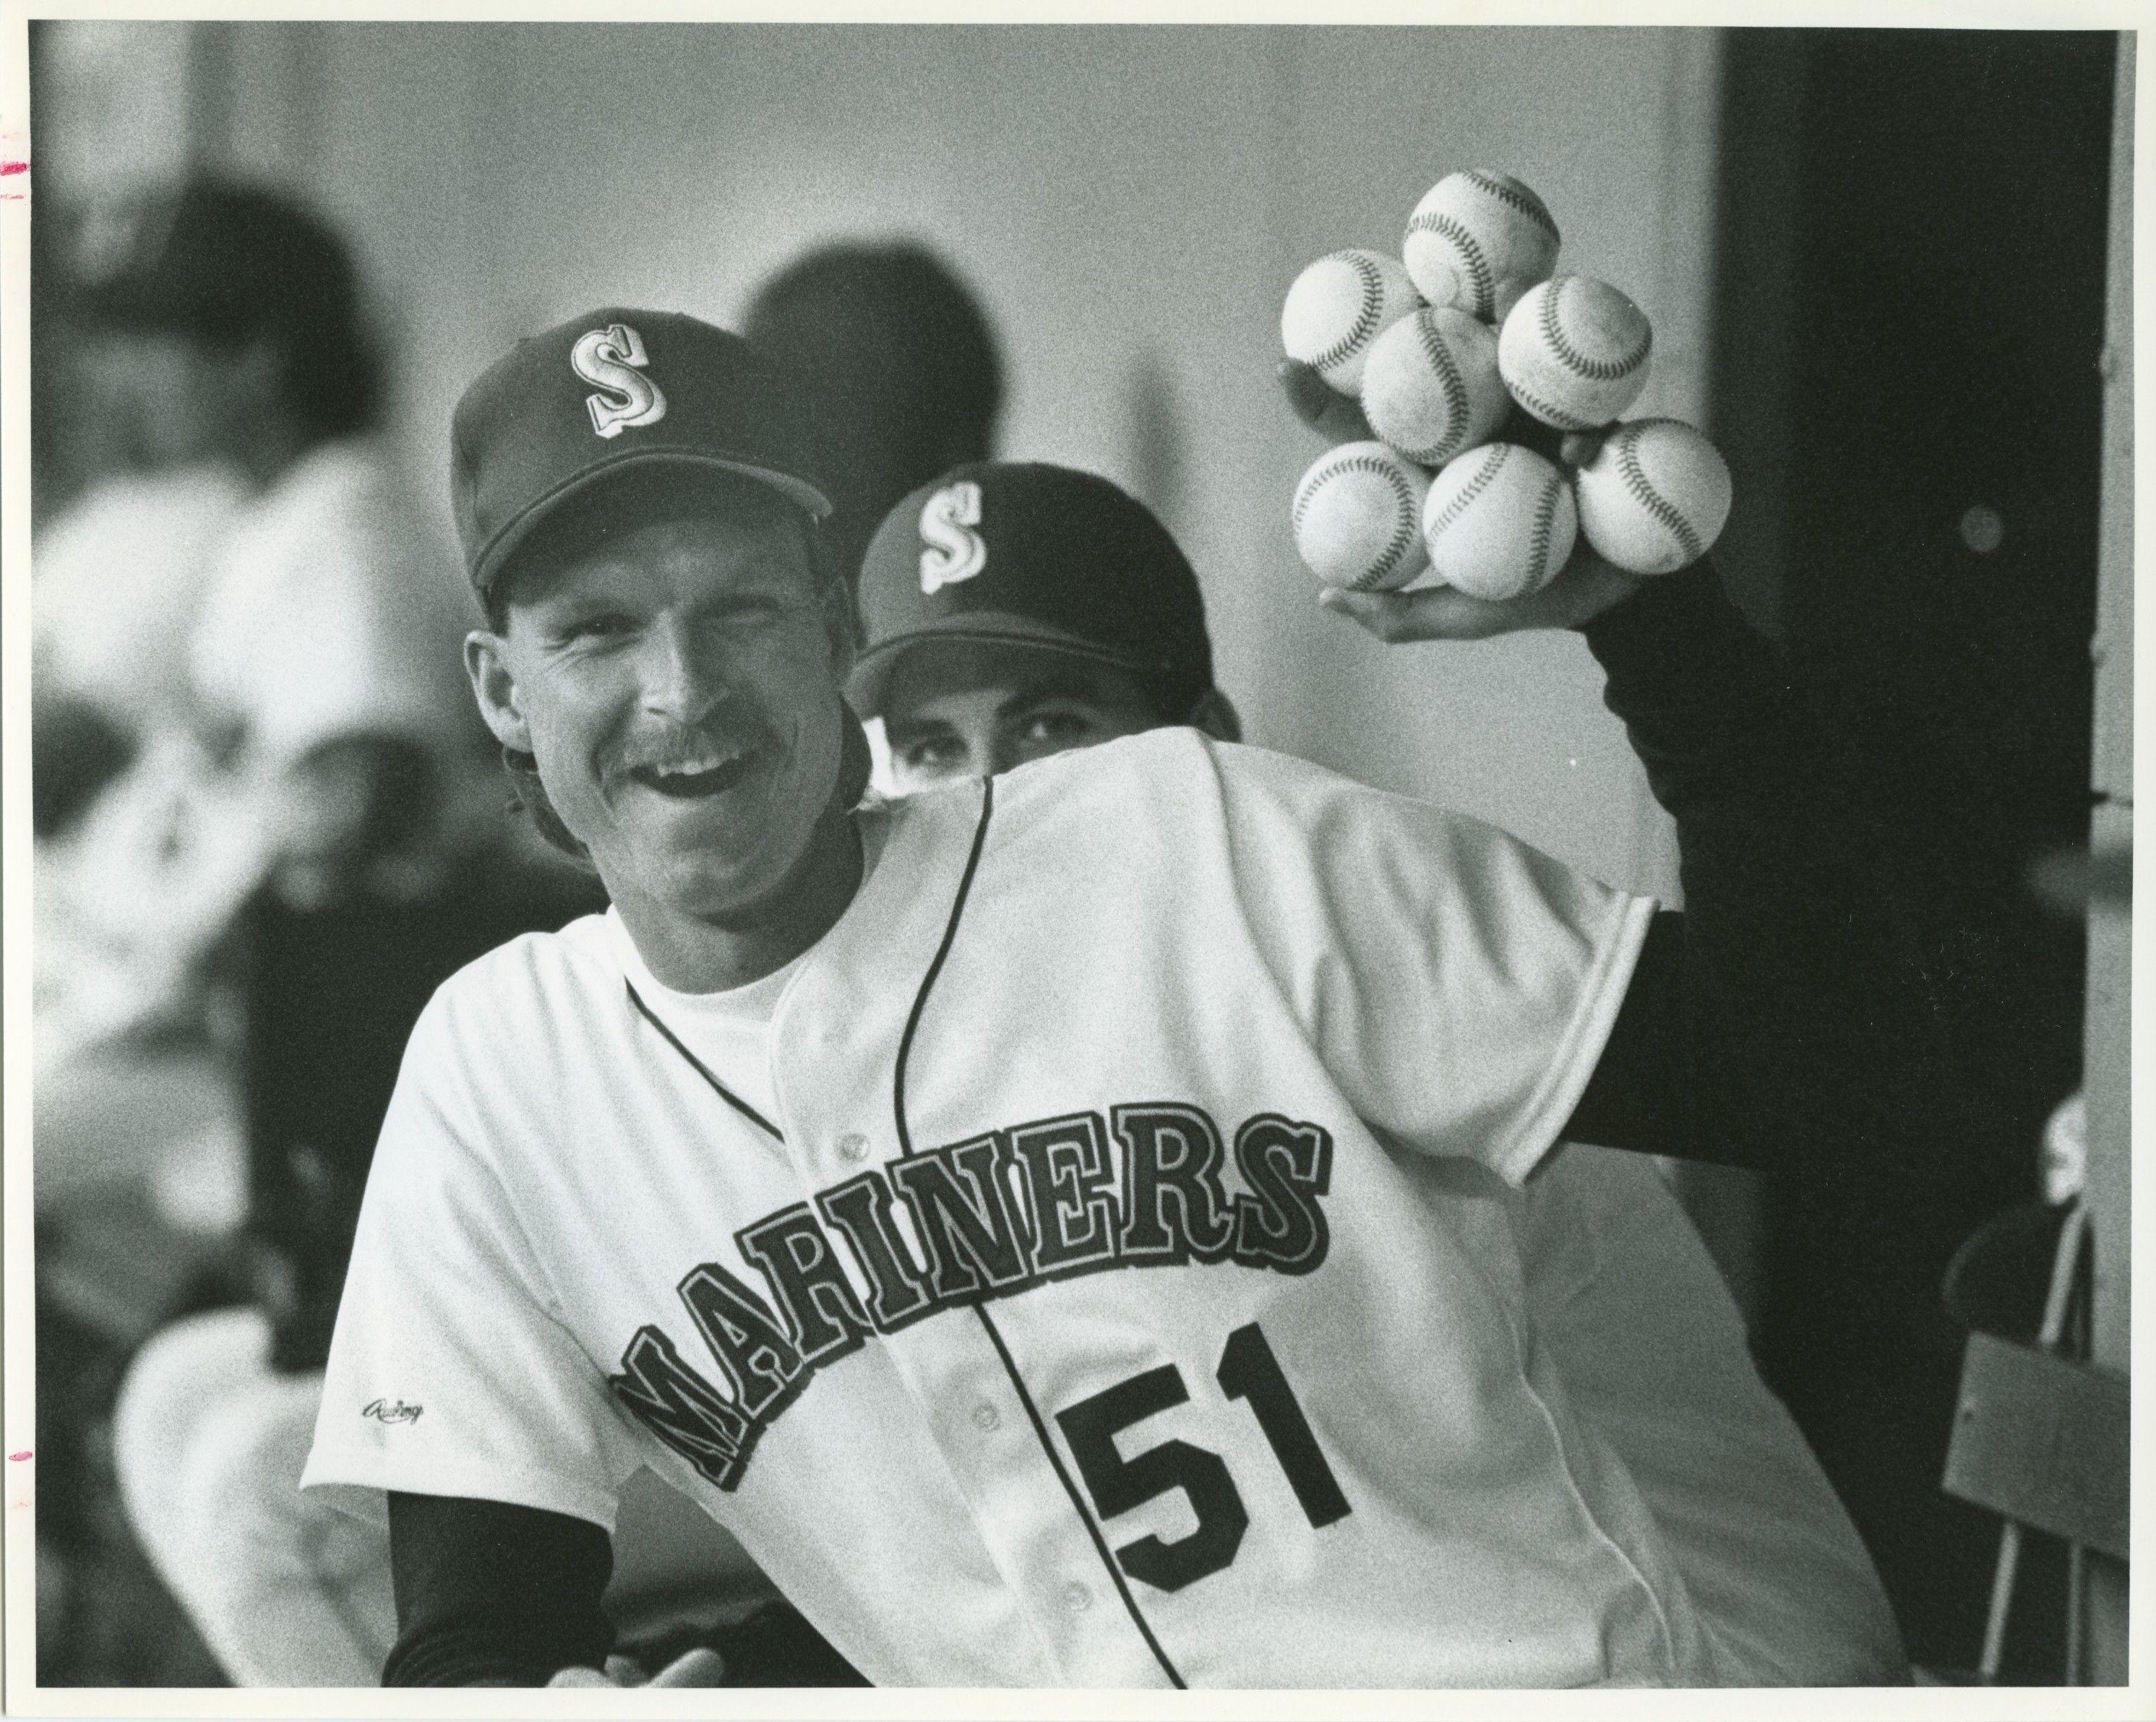 randy johnson marinershof mariners baseball 1960 20